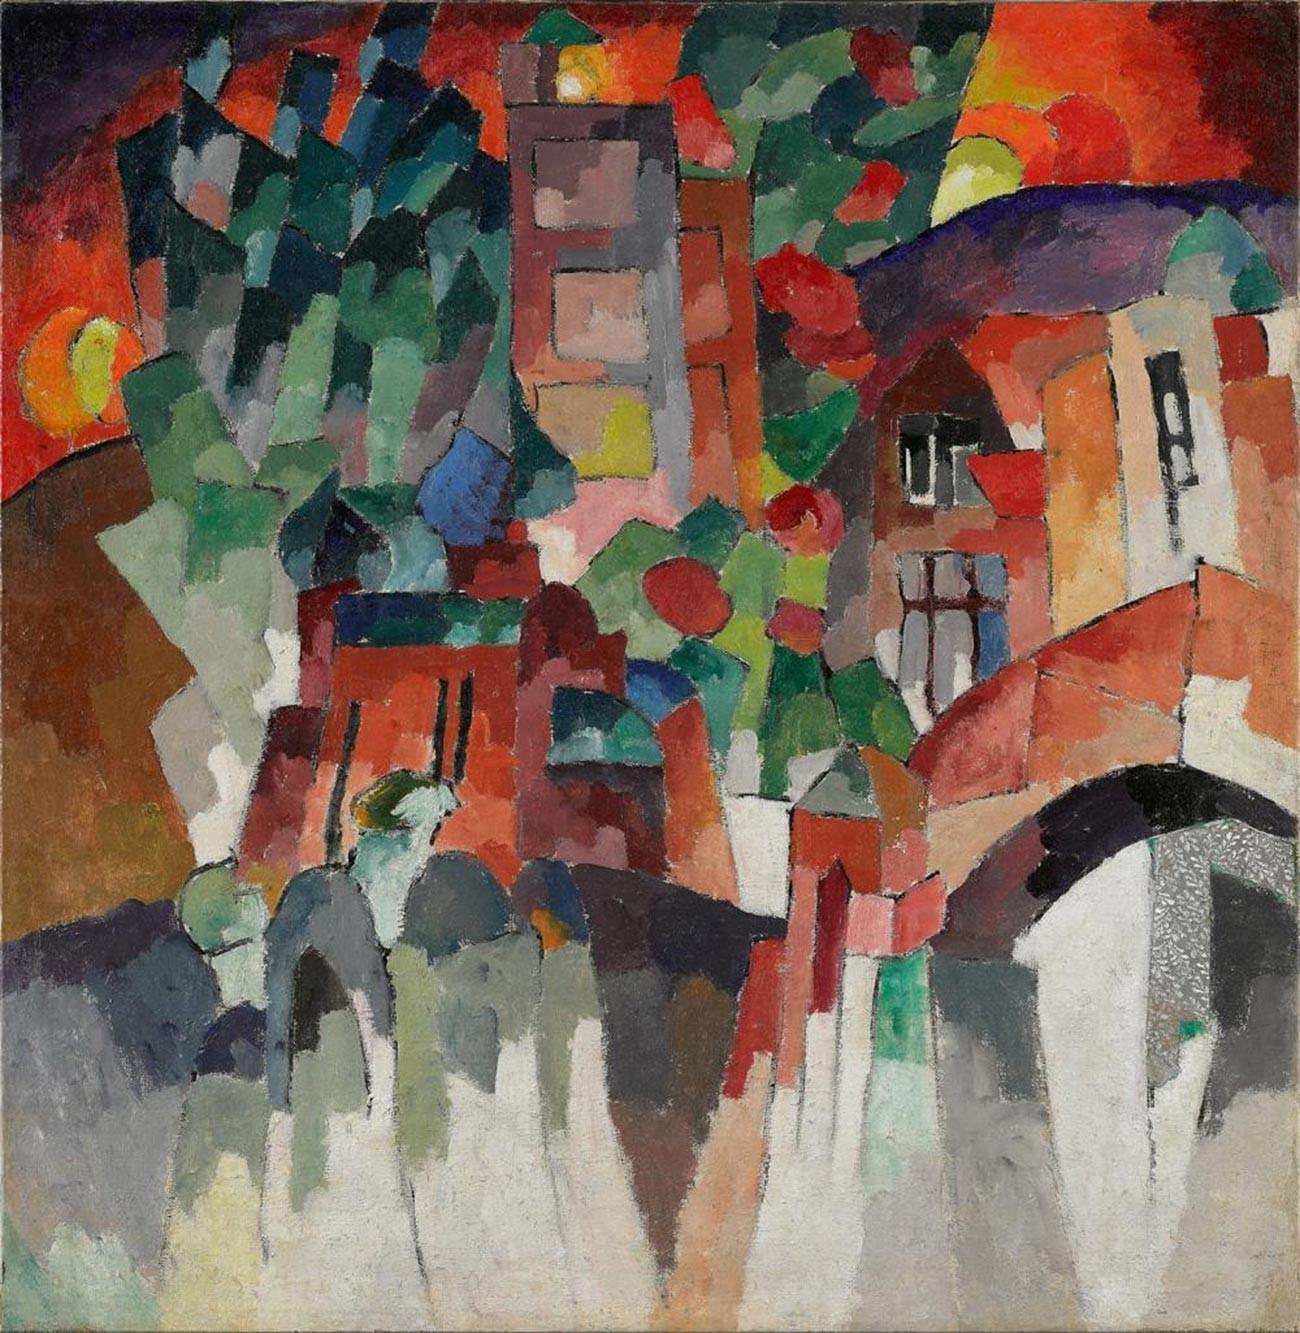 キスロヴォーツクの扉のある風景(門の景色)、1913年